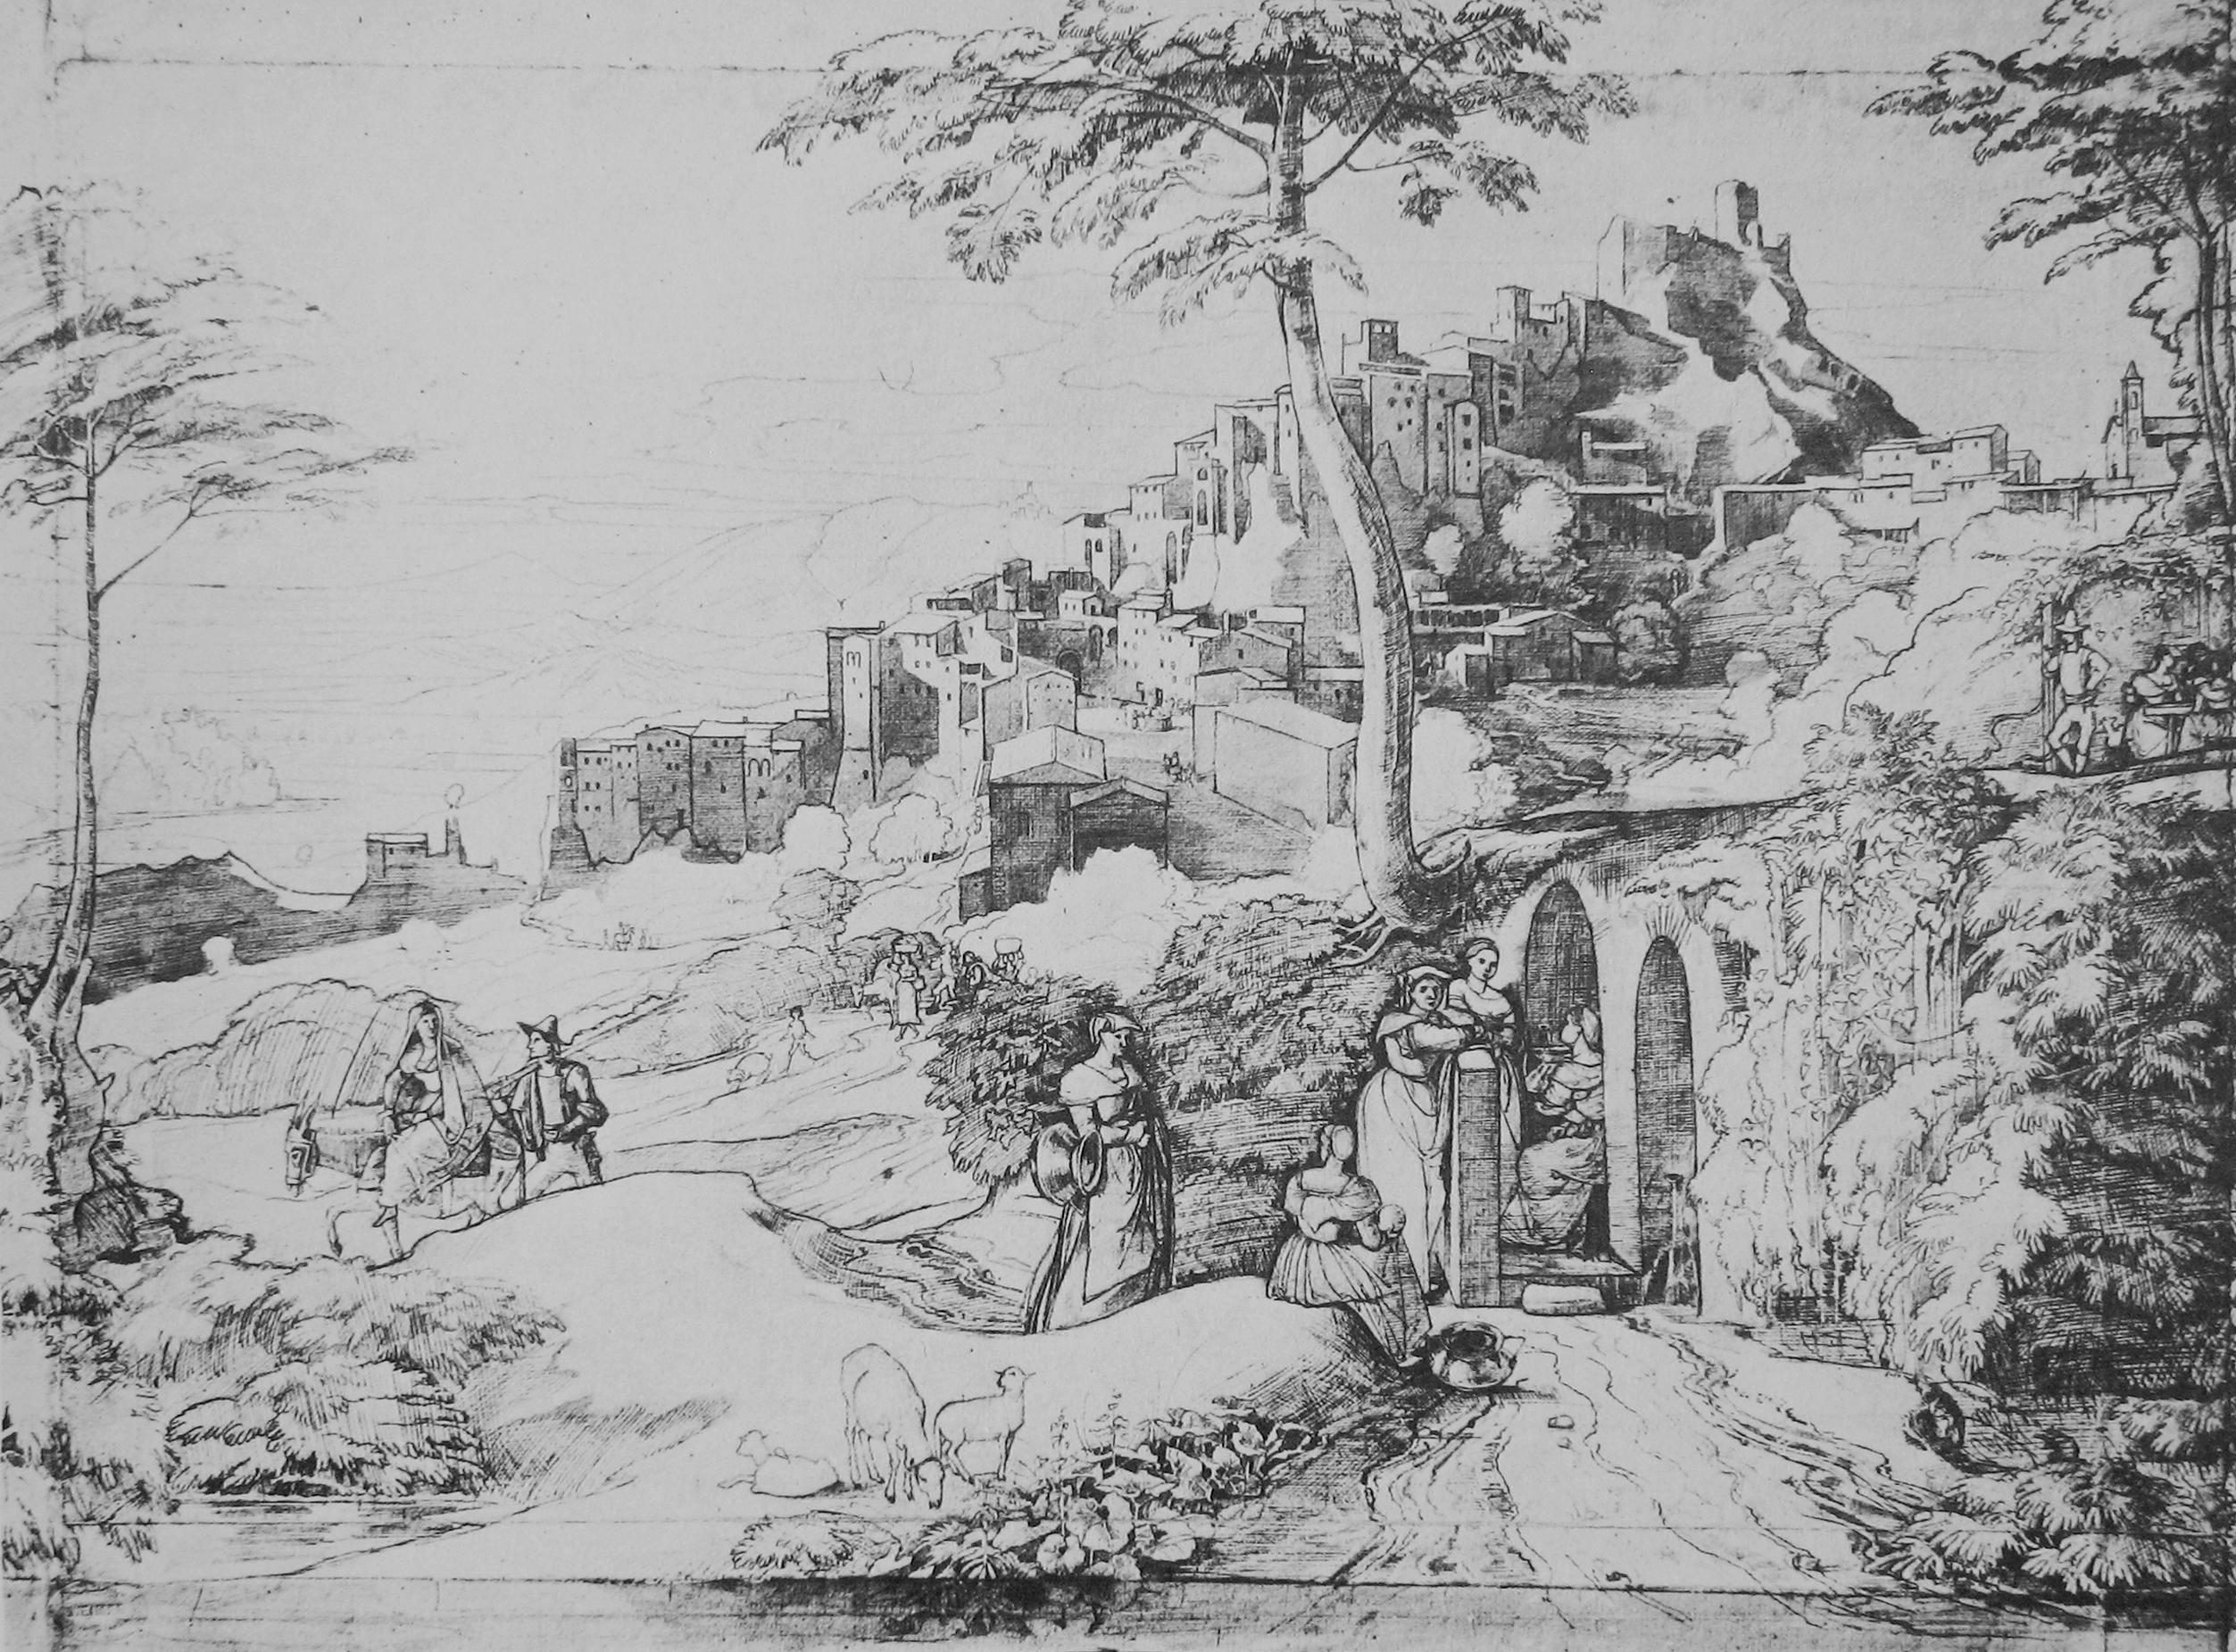 Olevano_Brunnen_Horny_1822